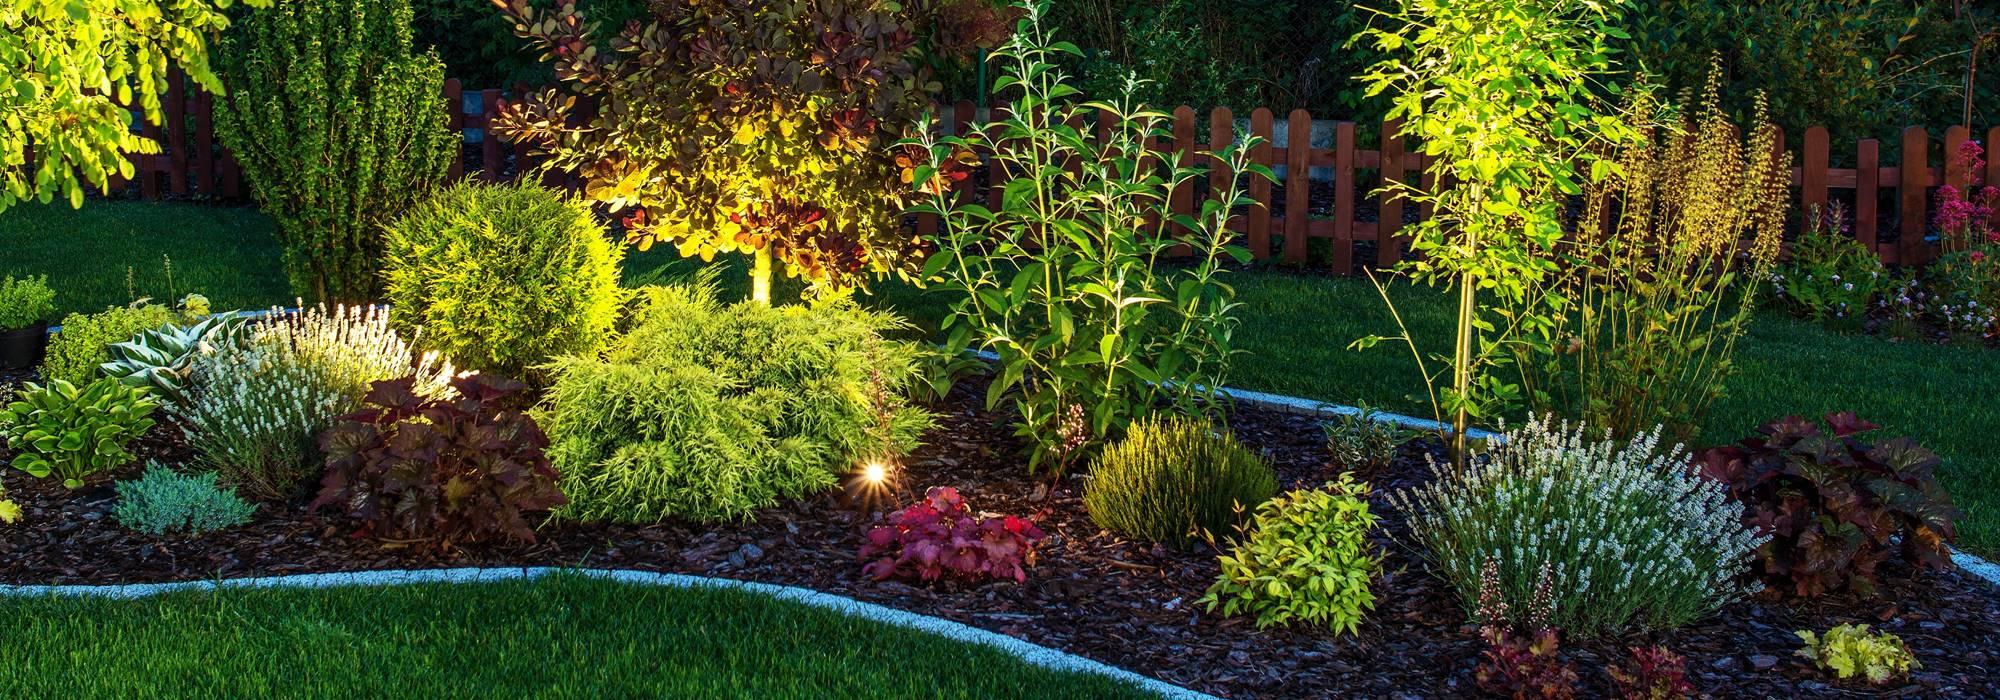 Gartengestaltung danninger gartengestaltung for Gartengestaltung mit buchs und hortensien